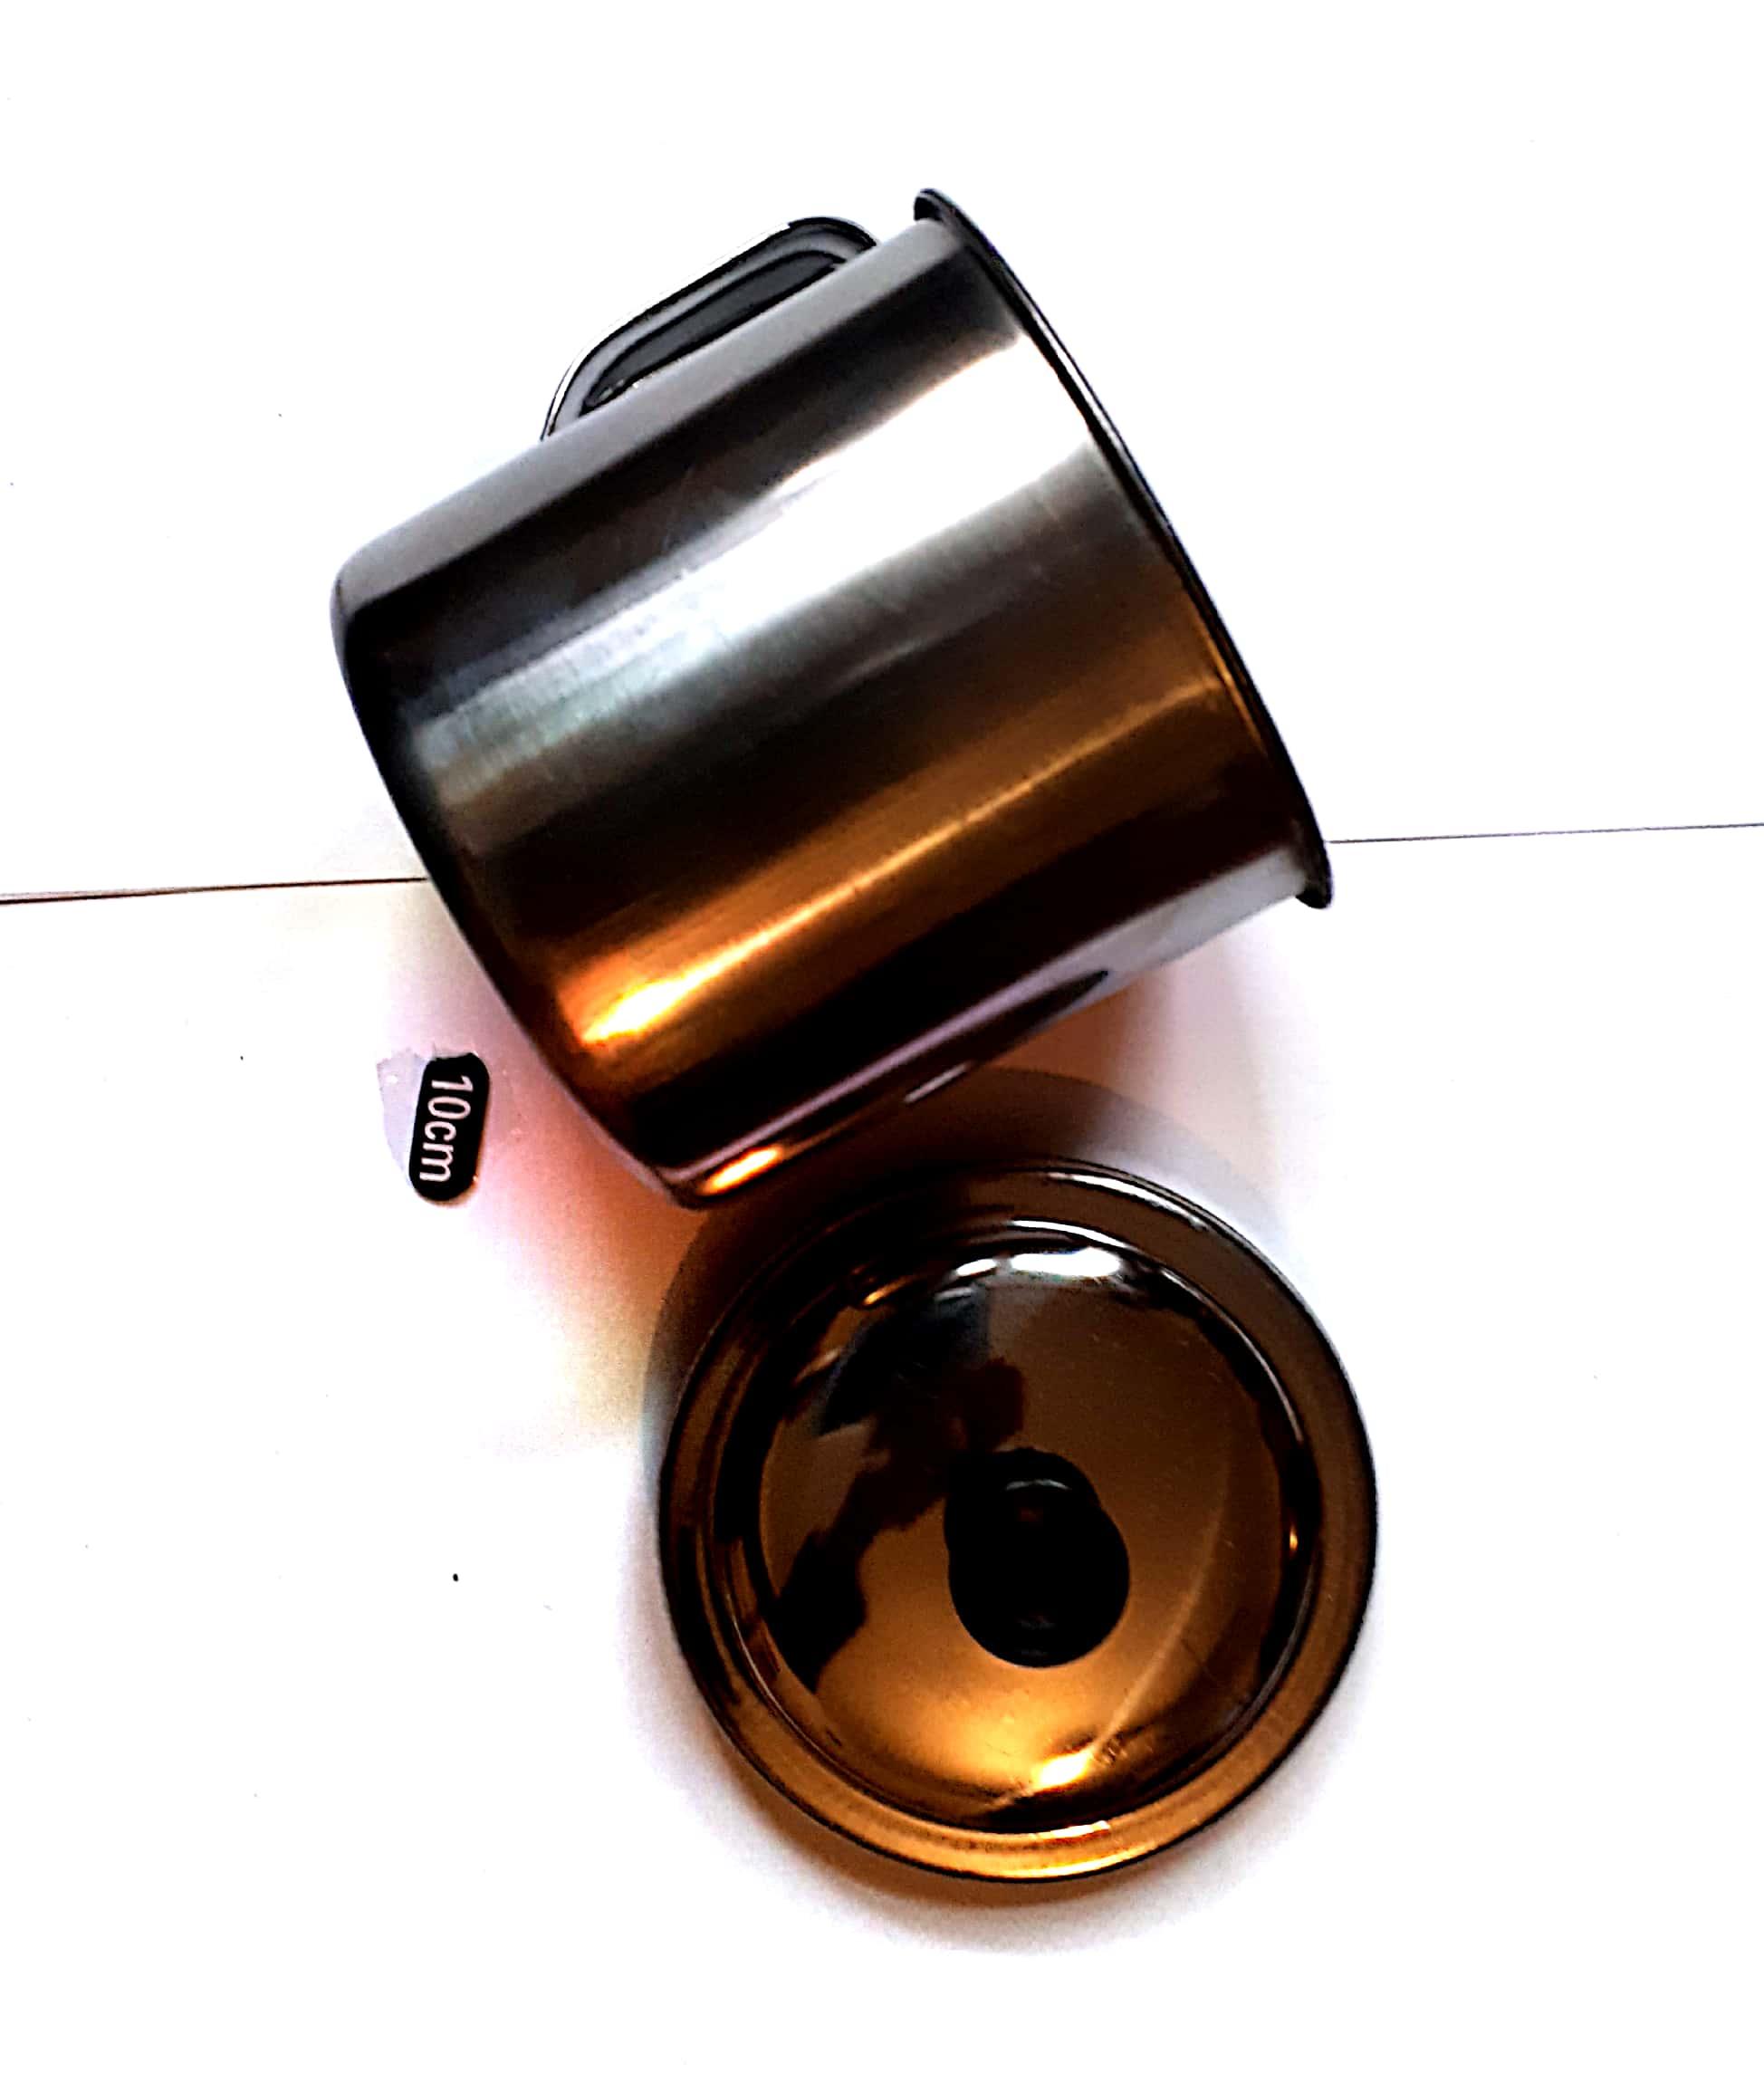 Cana metal 10 cm cu capac